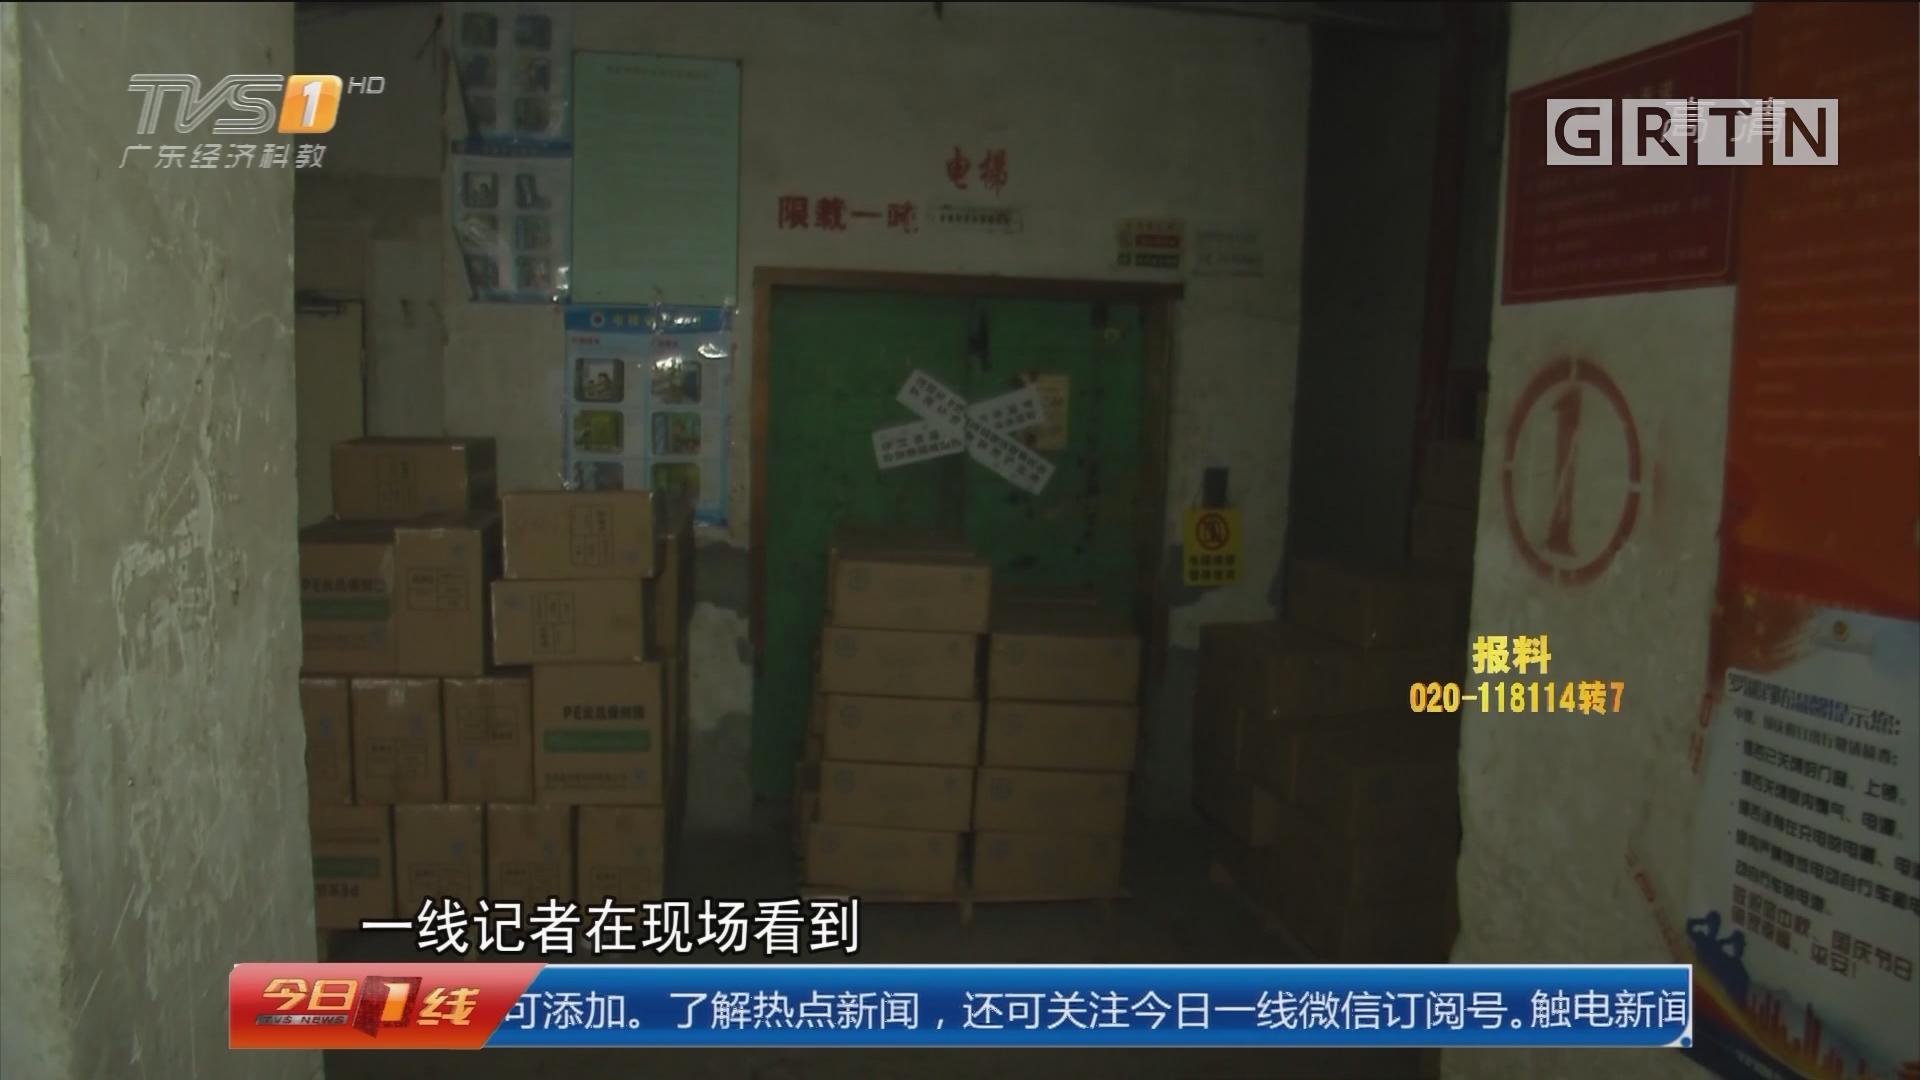 深圳罗湖:男子坠入货梯 医院下病危通知书